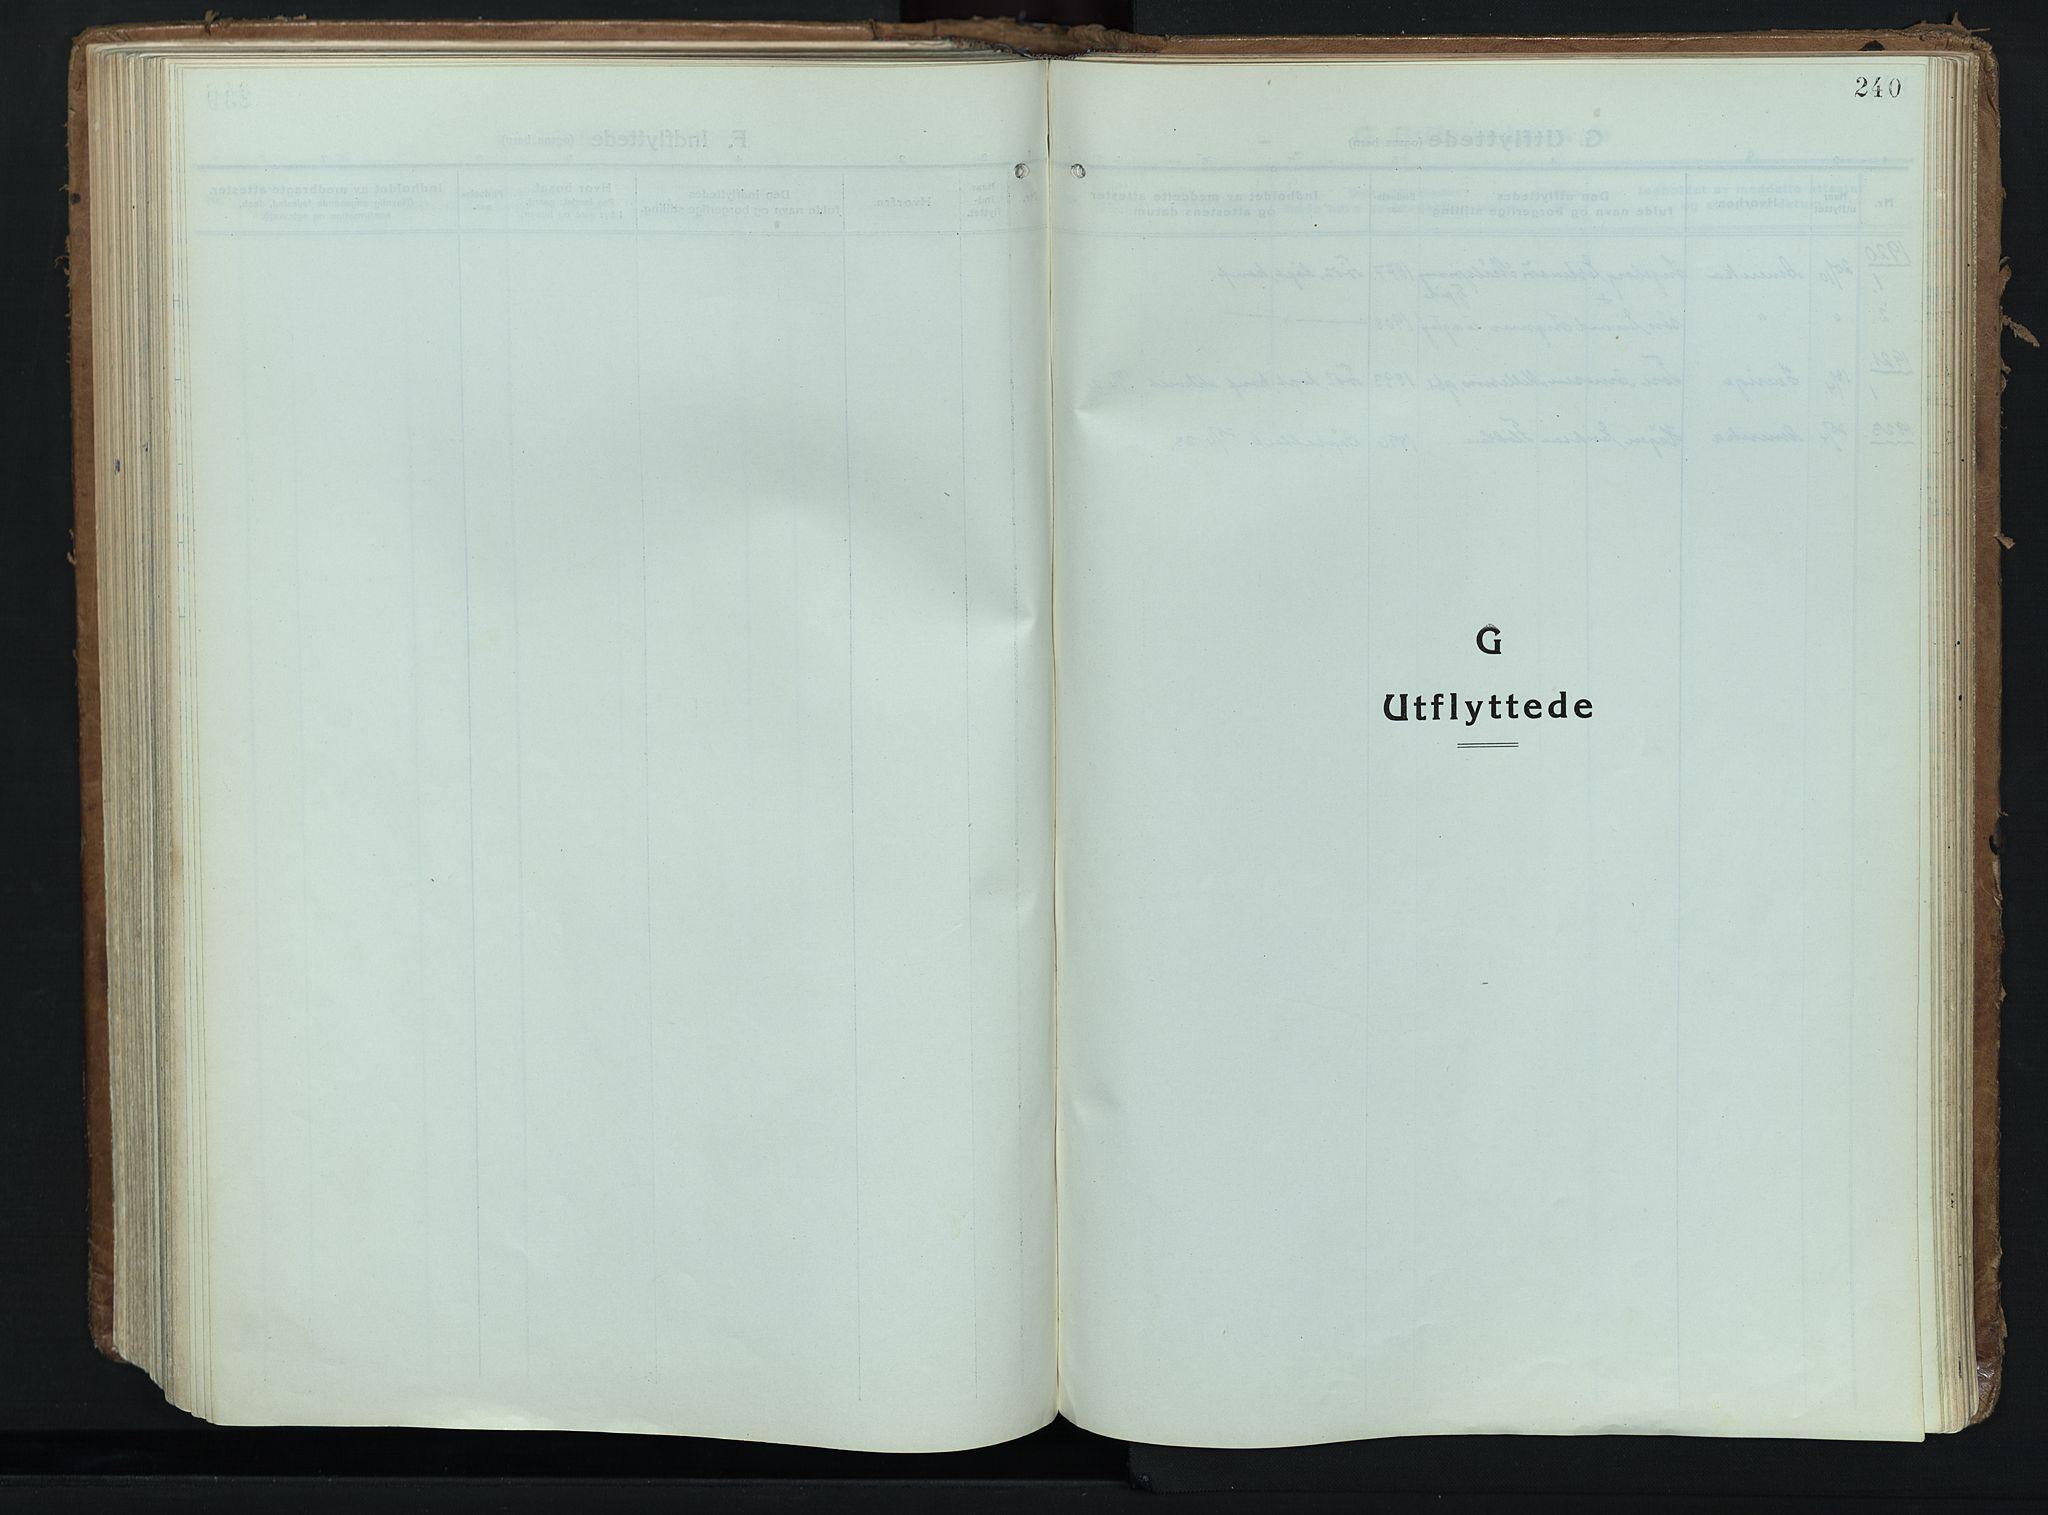 SAH, Alvdal prestekontor, Ministerialbok nr. 6, 1920-1937, s. 240